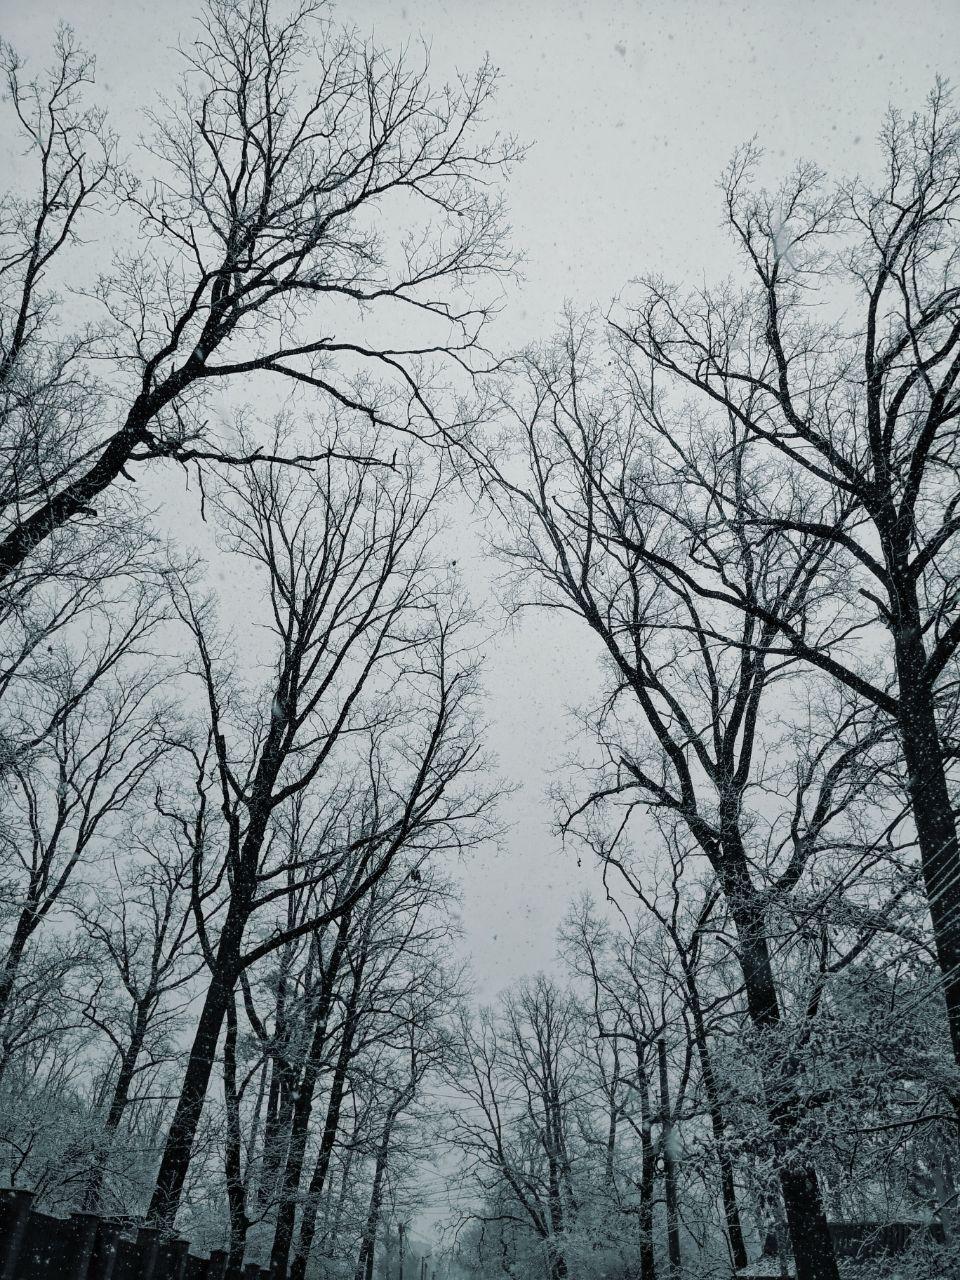 Есть в этой погоде как своя романтика, так и мистика